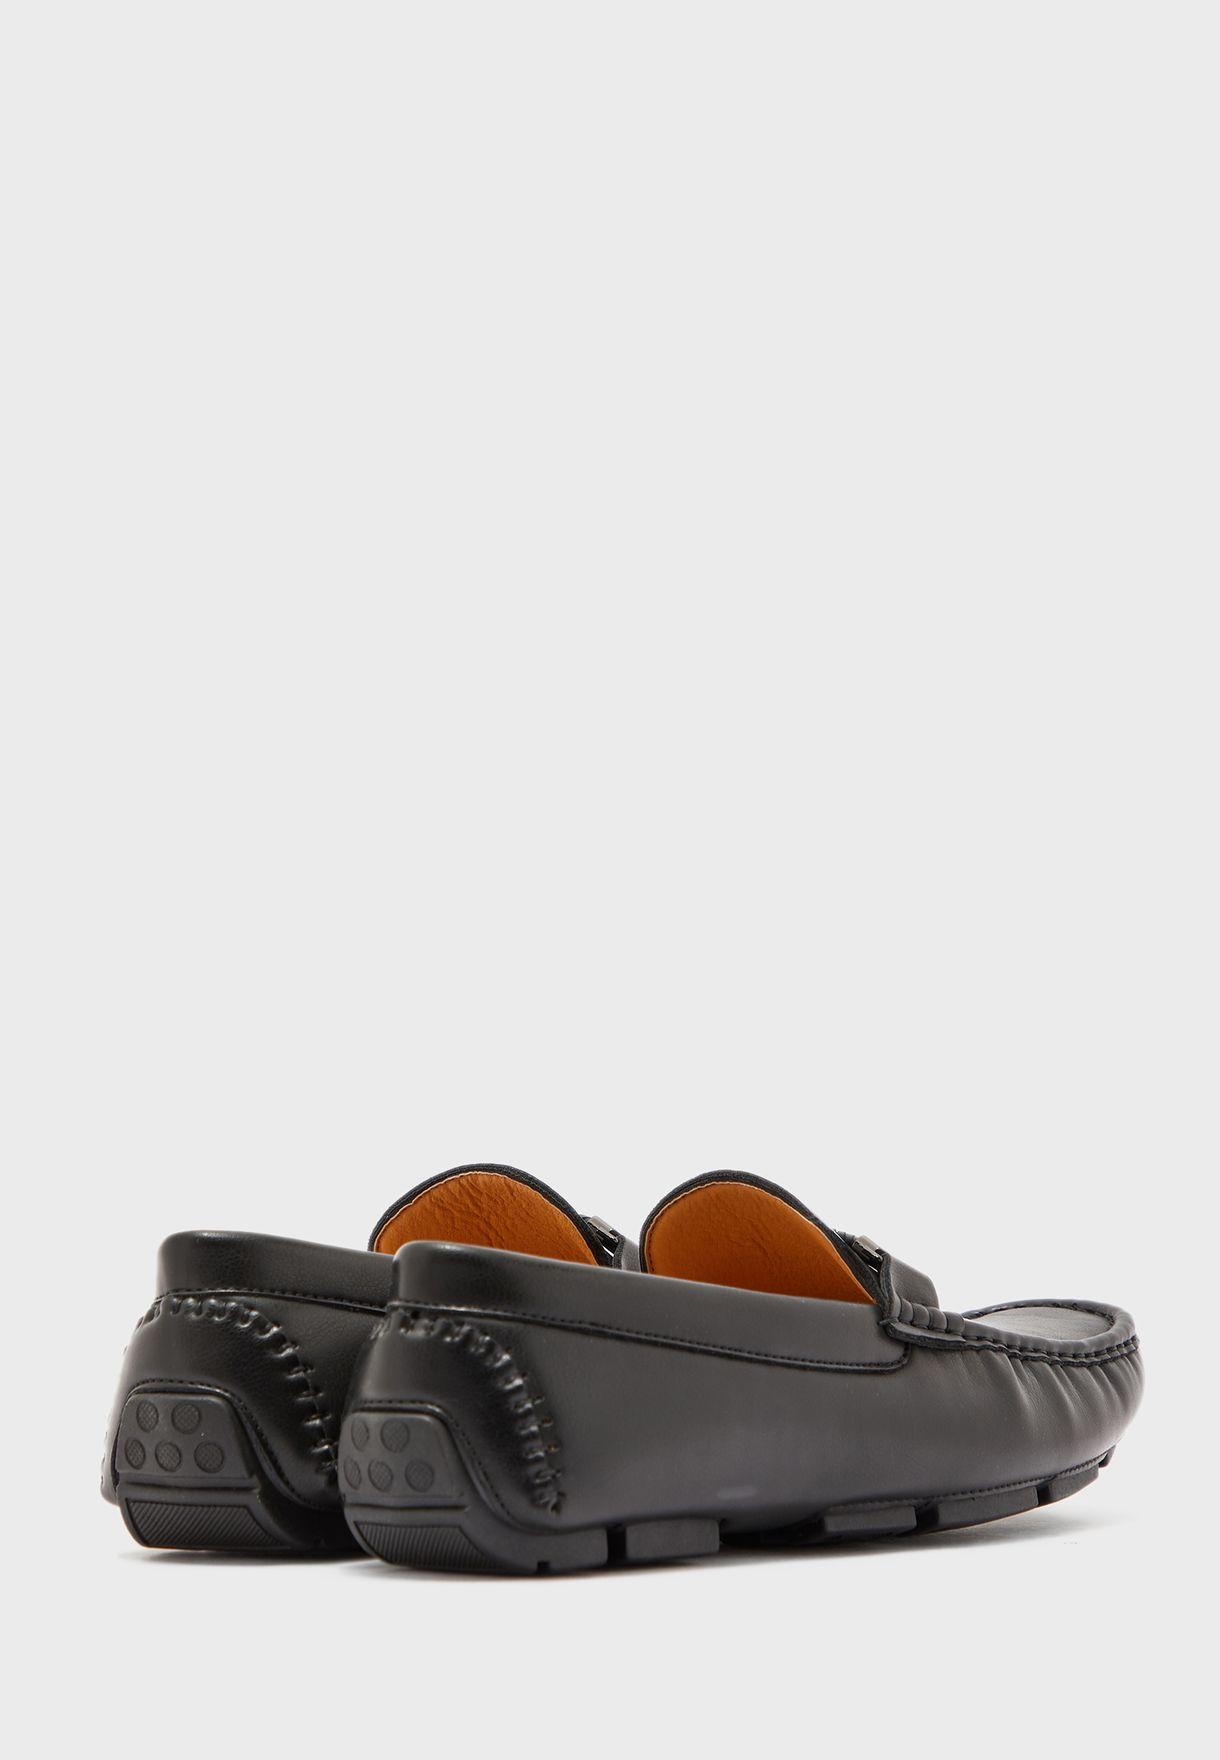 حذاء مزين بتداخل مضفور